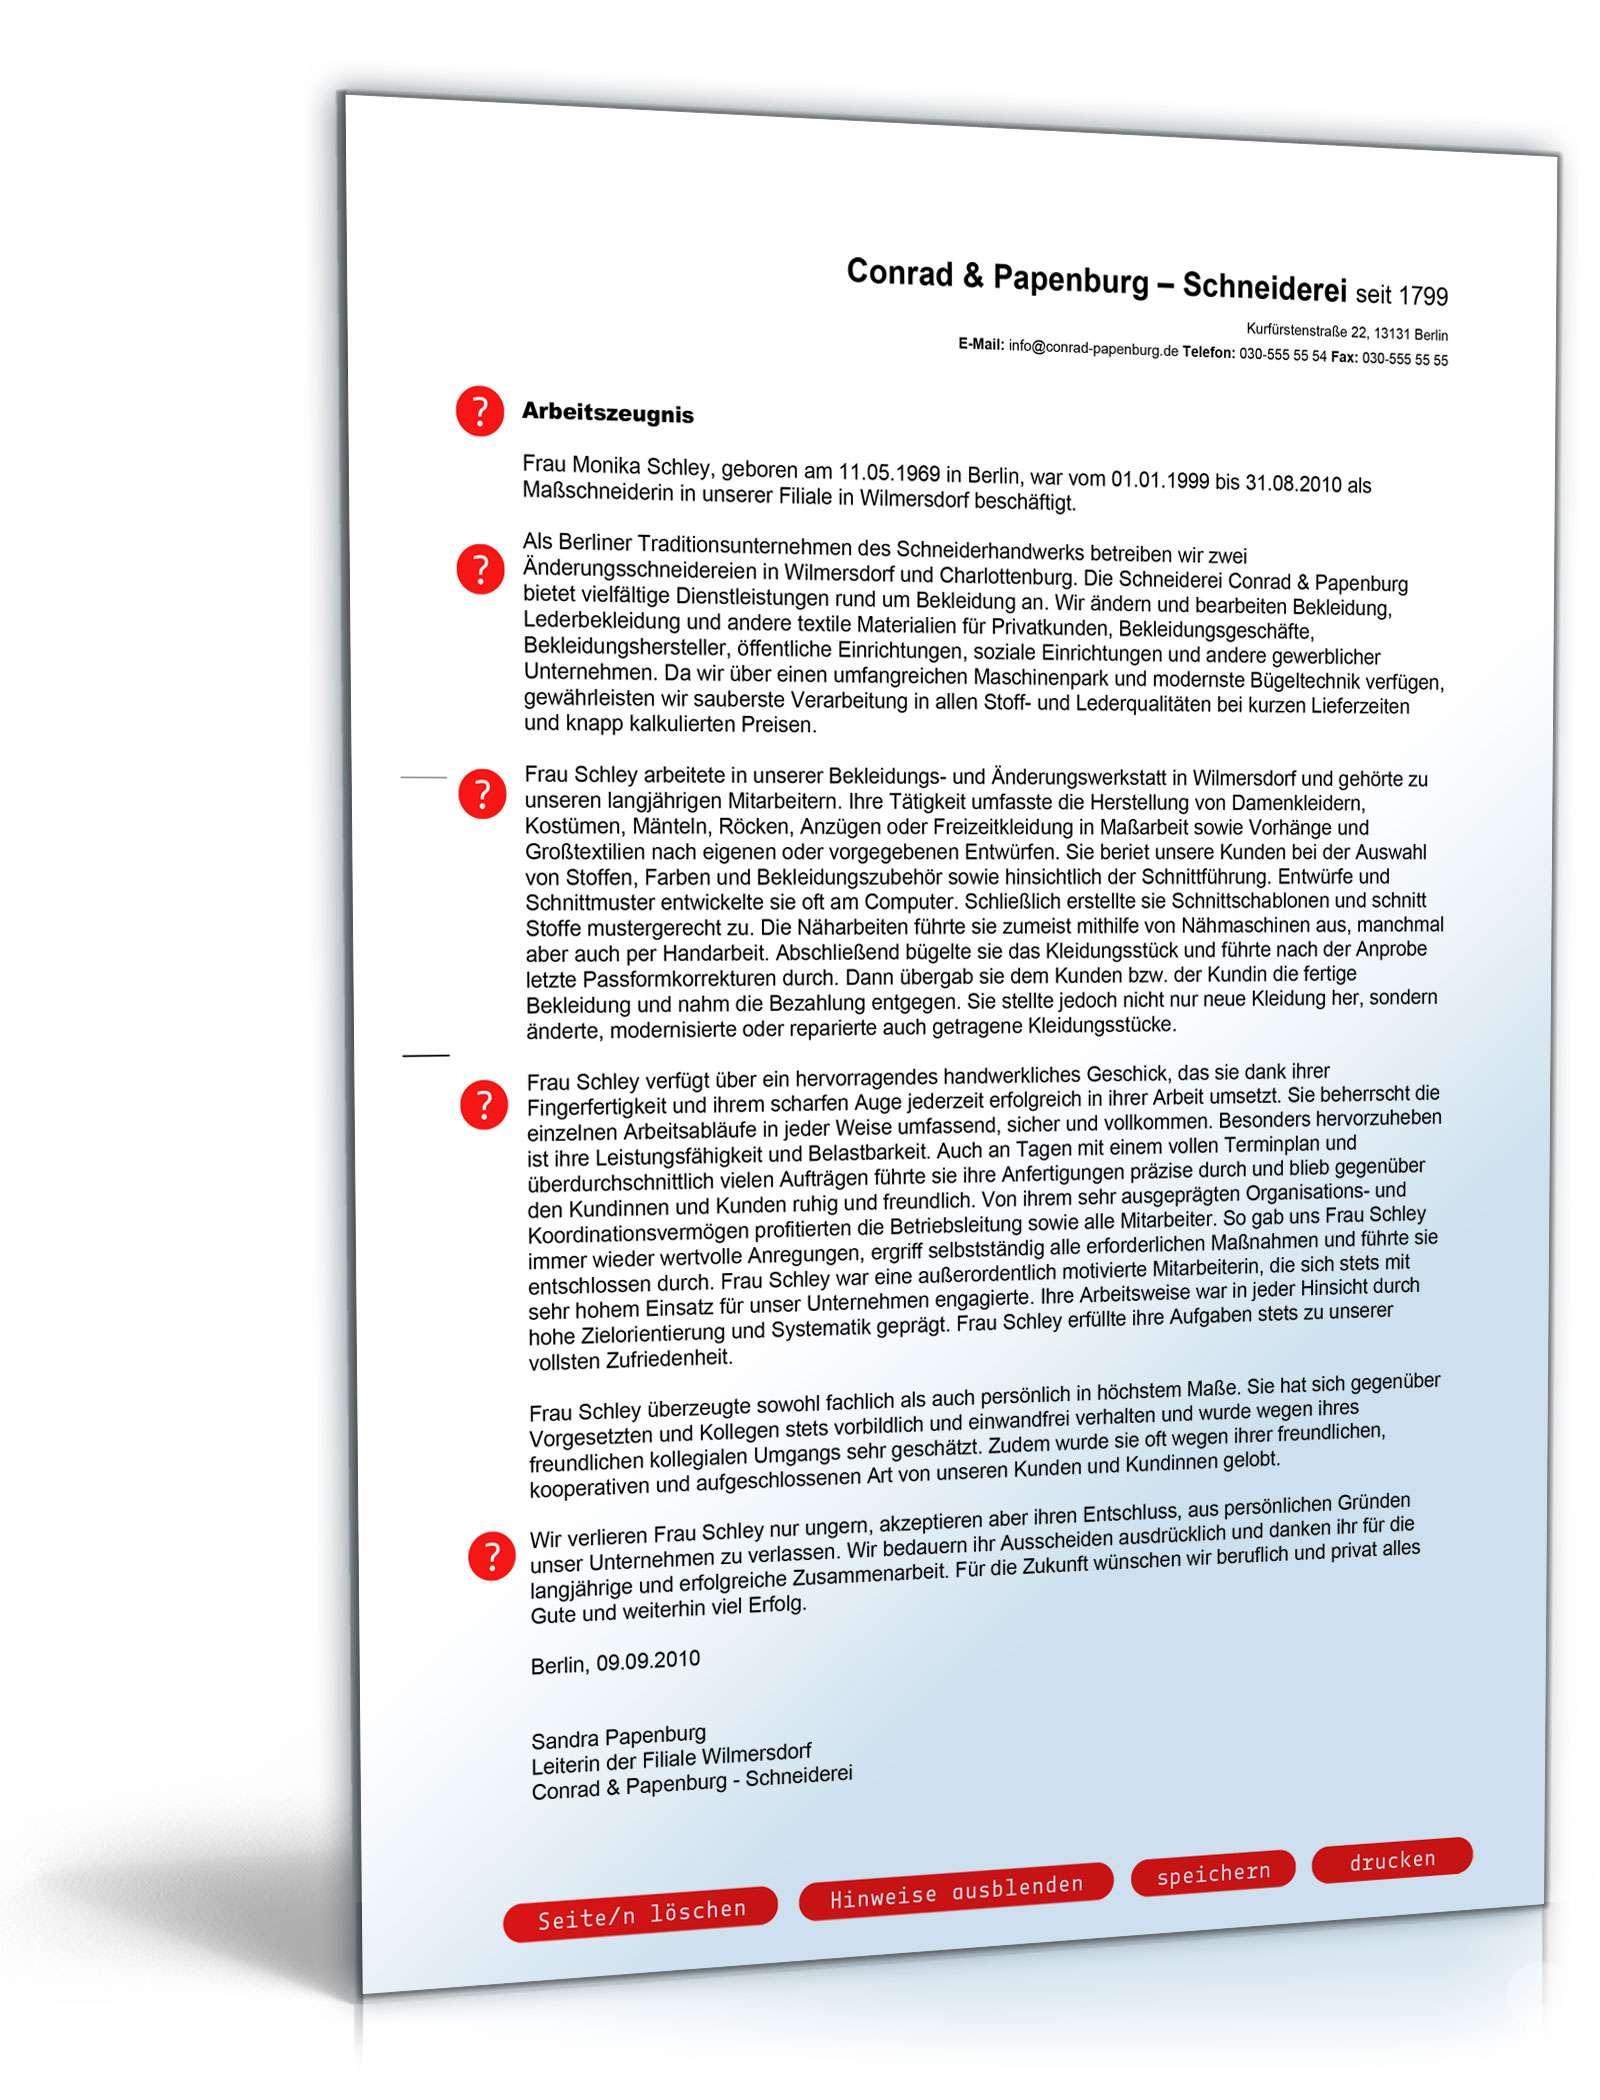 Arbeitszeugnis Muster Vorlagen Schweiz Kostenlos Downloaden 1